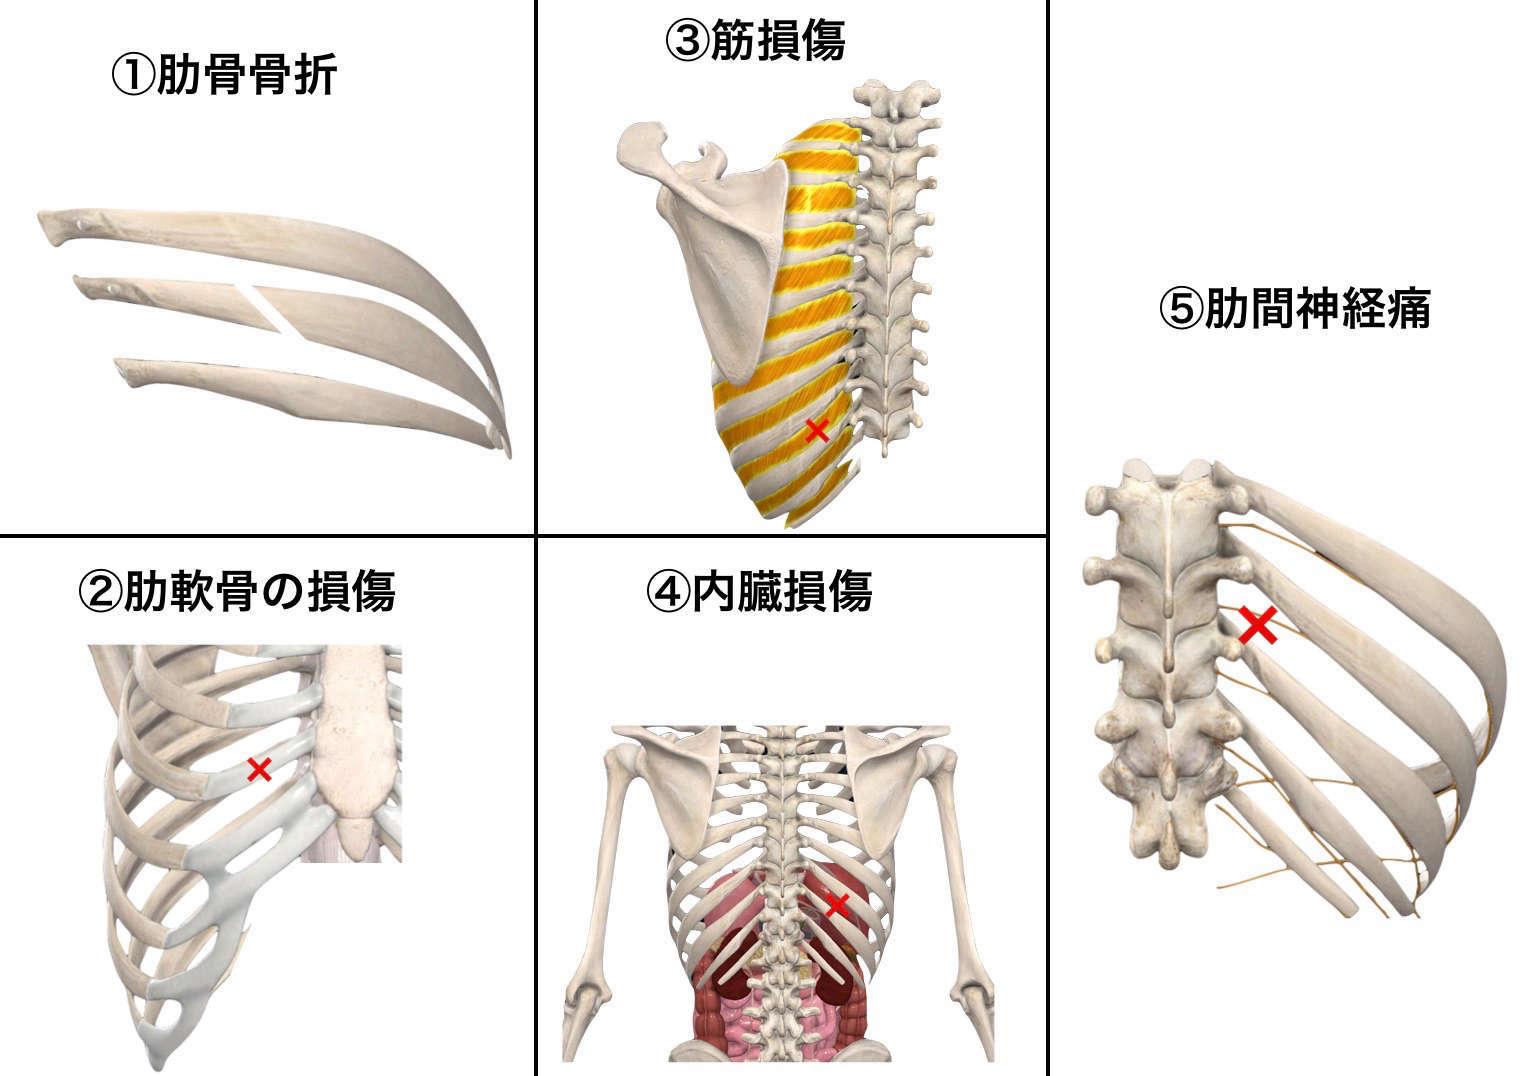 押す 痛い 肋骨 下 右 と